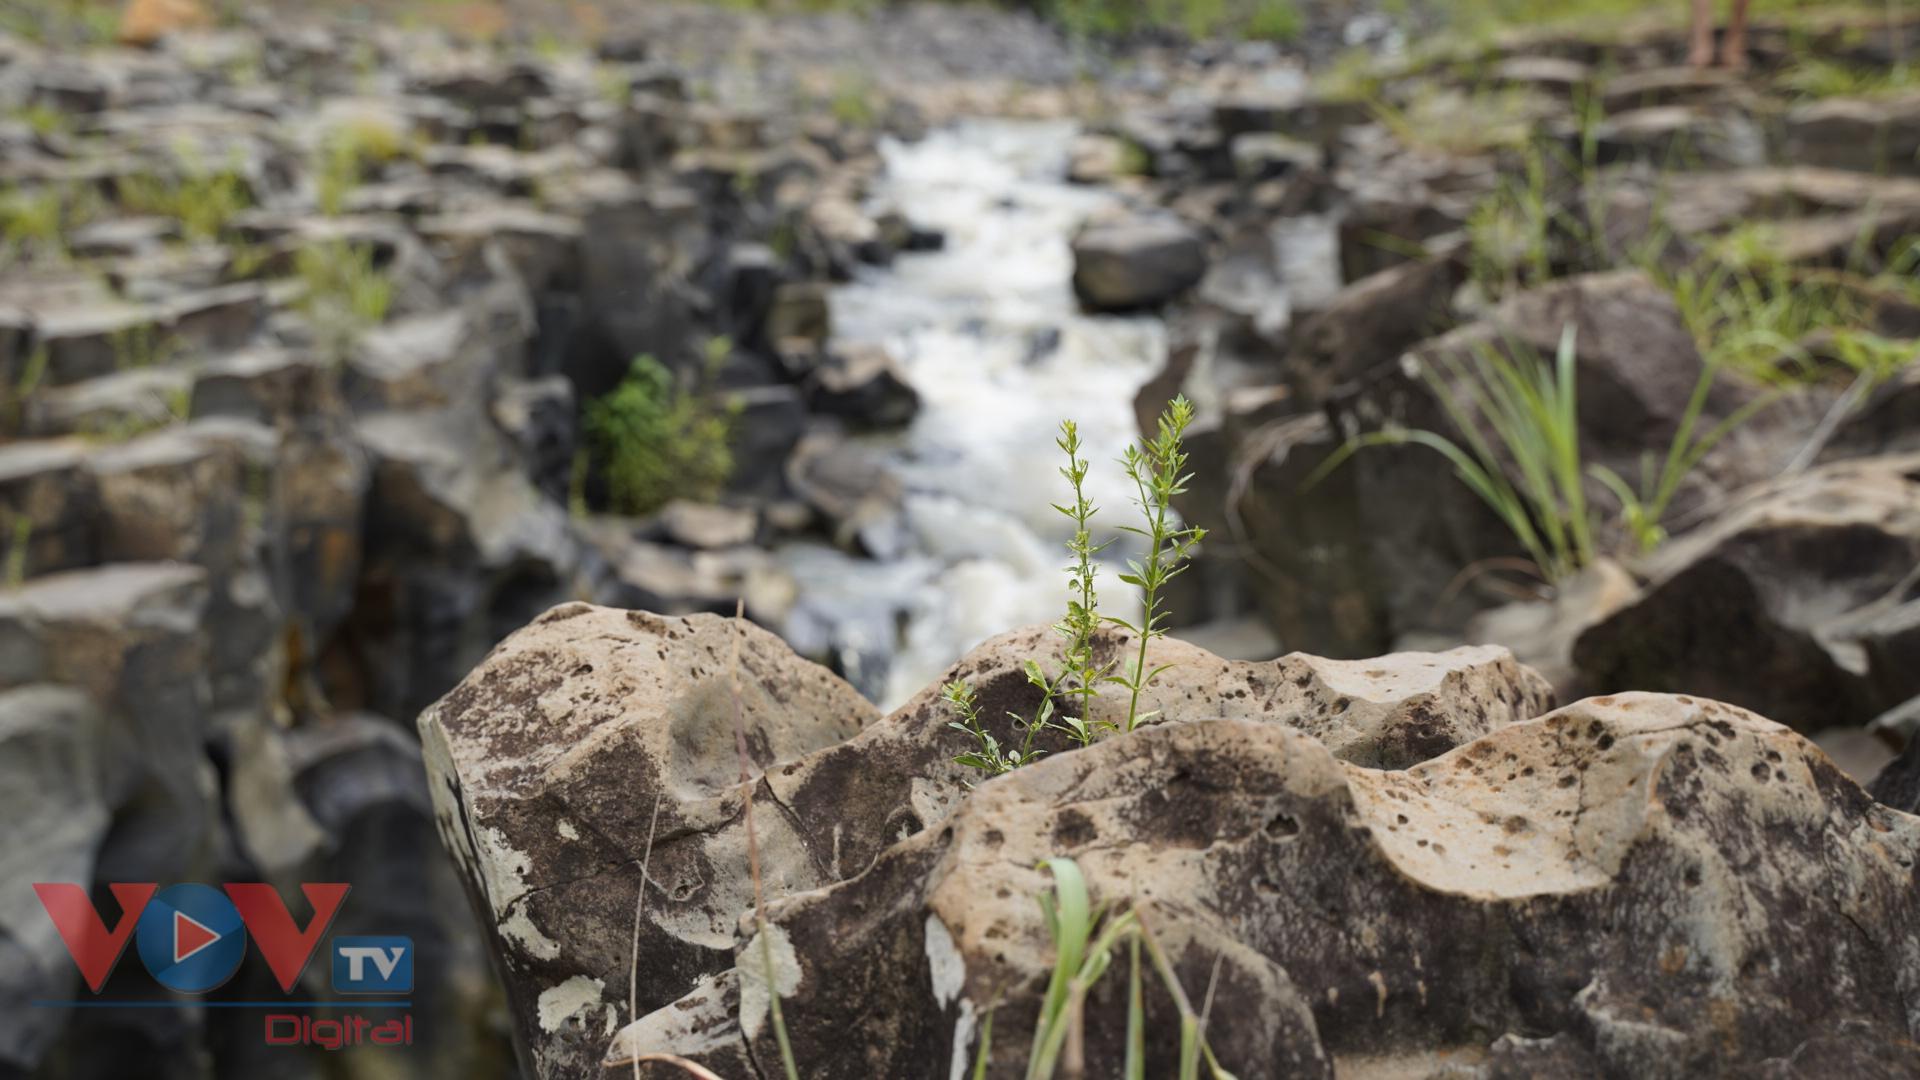 Gia Lai: Mê đắm vẻ đẹp hoang sơ của suối đá núi lửa Ia Ruai - Ảnh 7.